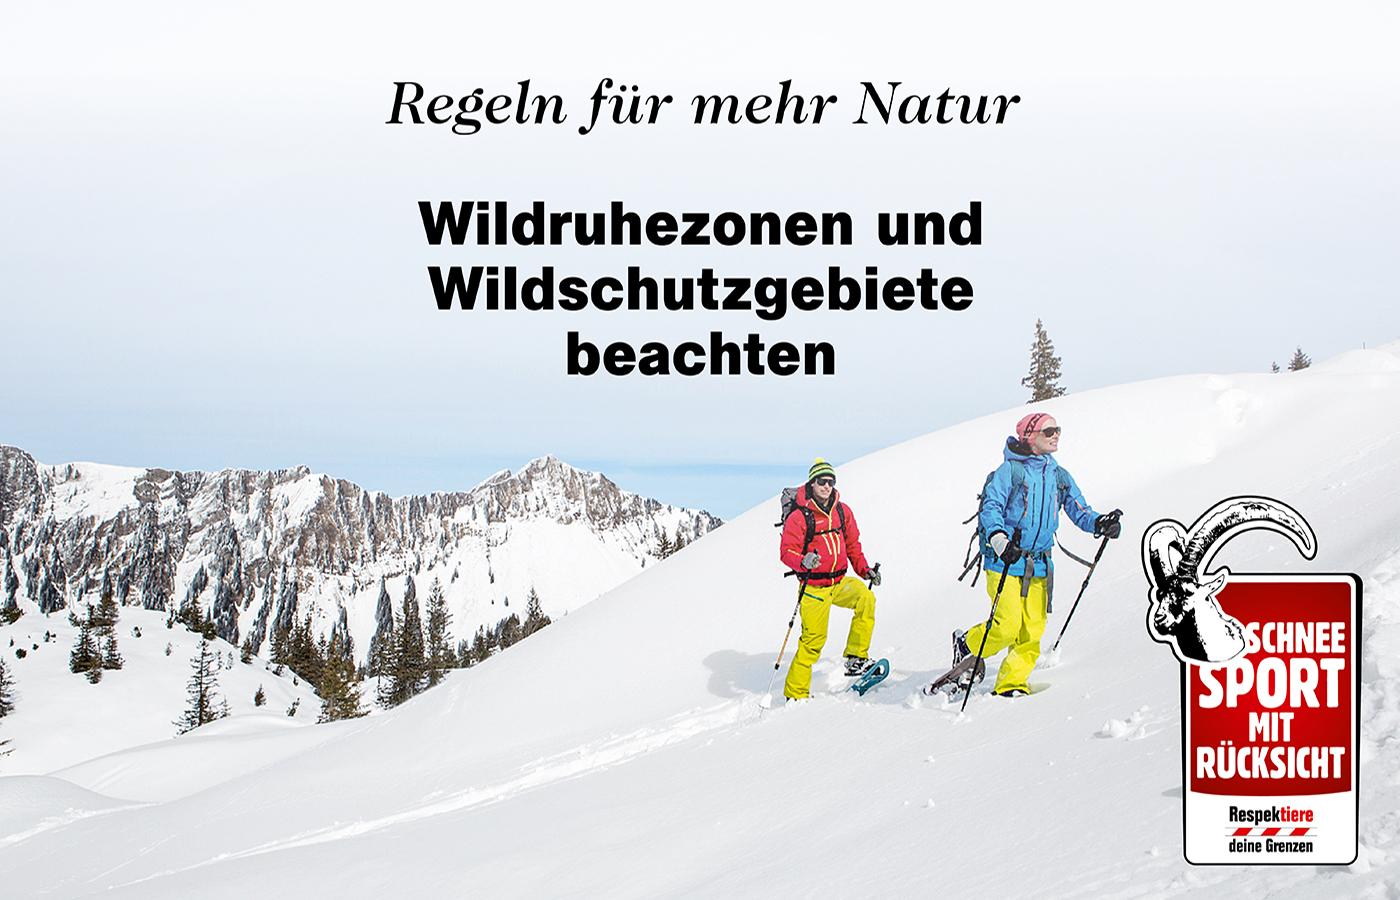 Schneesport mit Rücksicht - Respektiere deine Grenzen